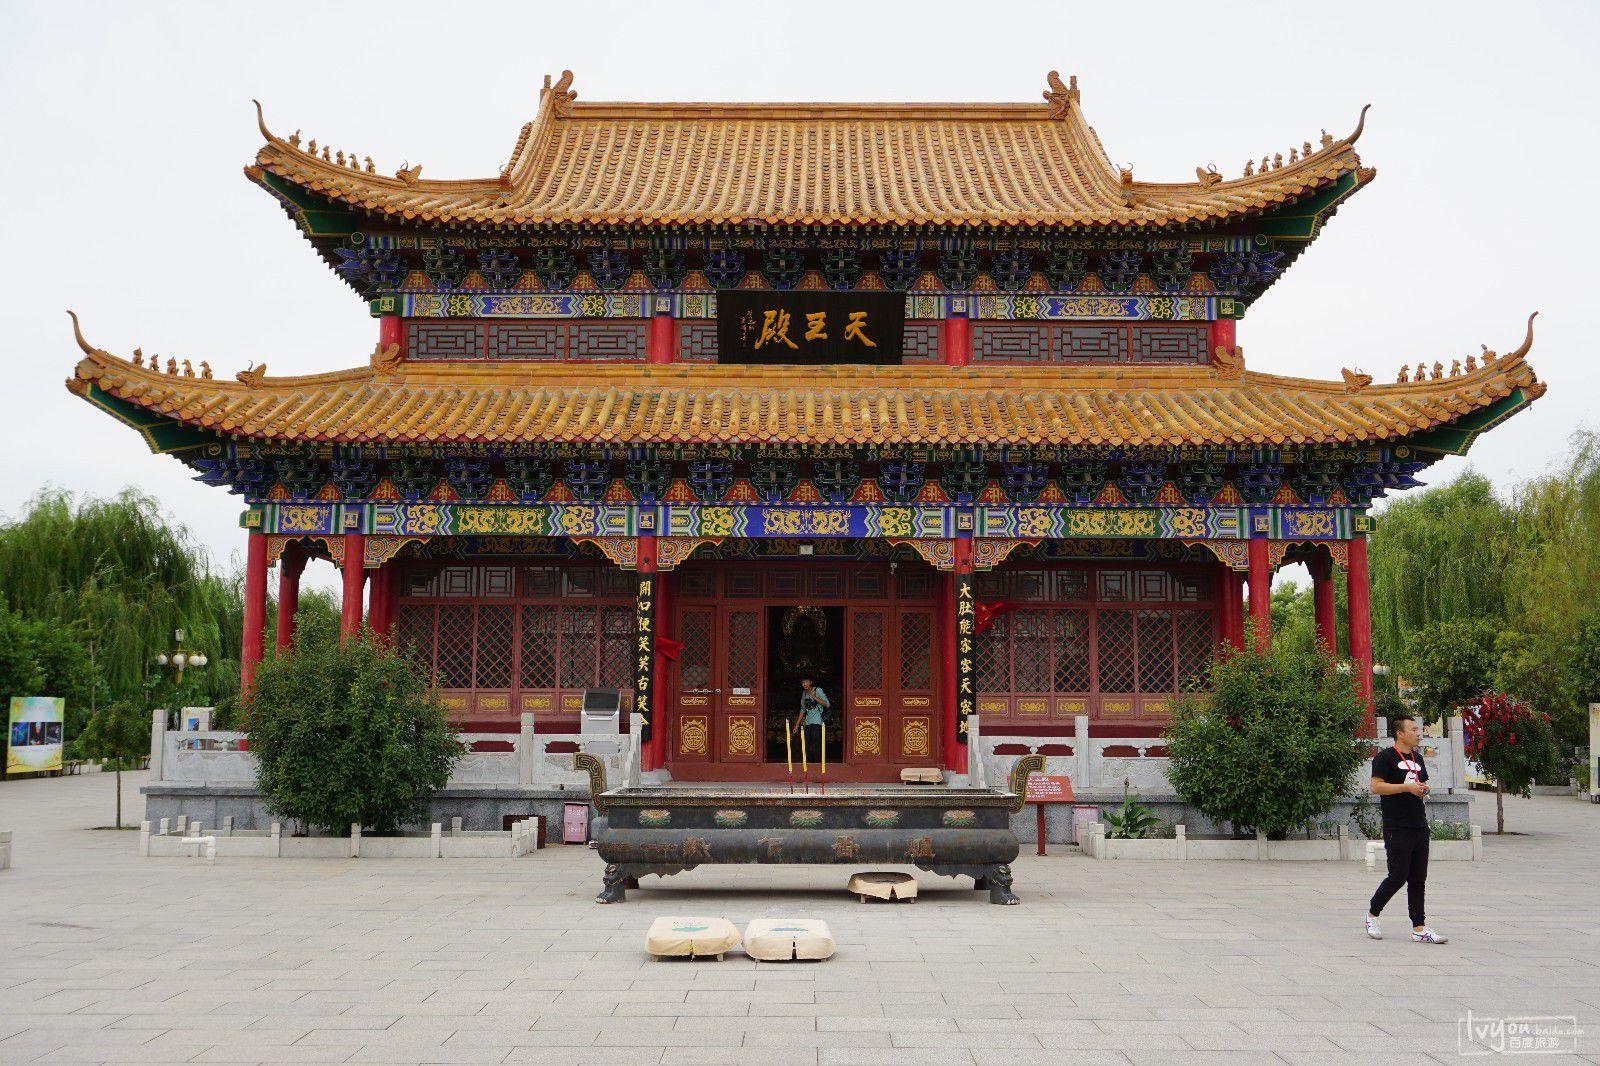 京娘湖<a href=http://www.huaxiacaixun.com/Trave/ target=_blank class=infotextkey>旅游</a>攻略图片2